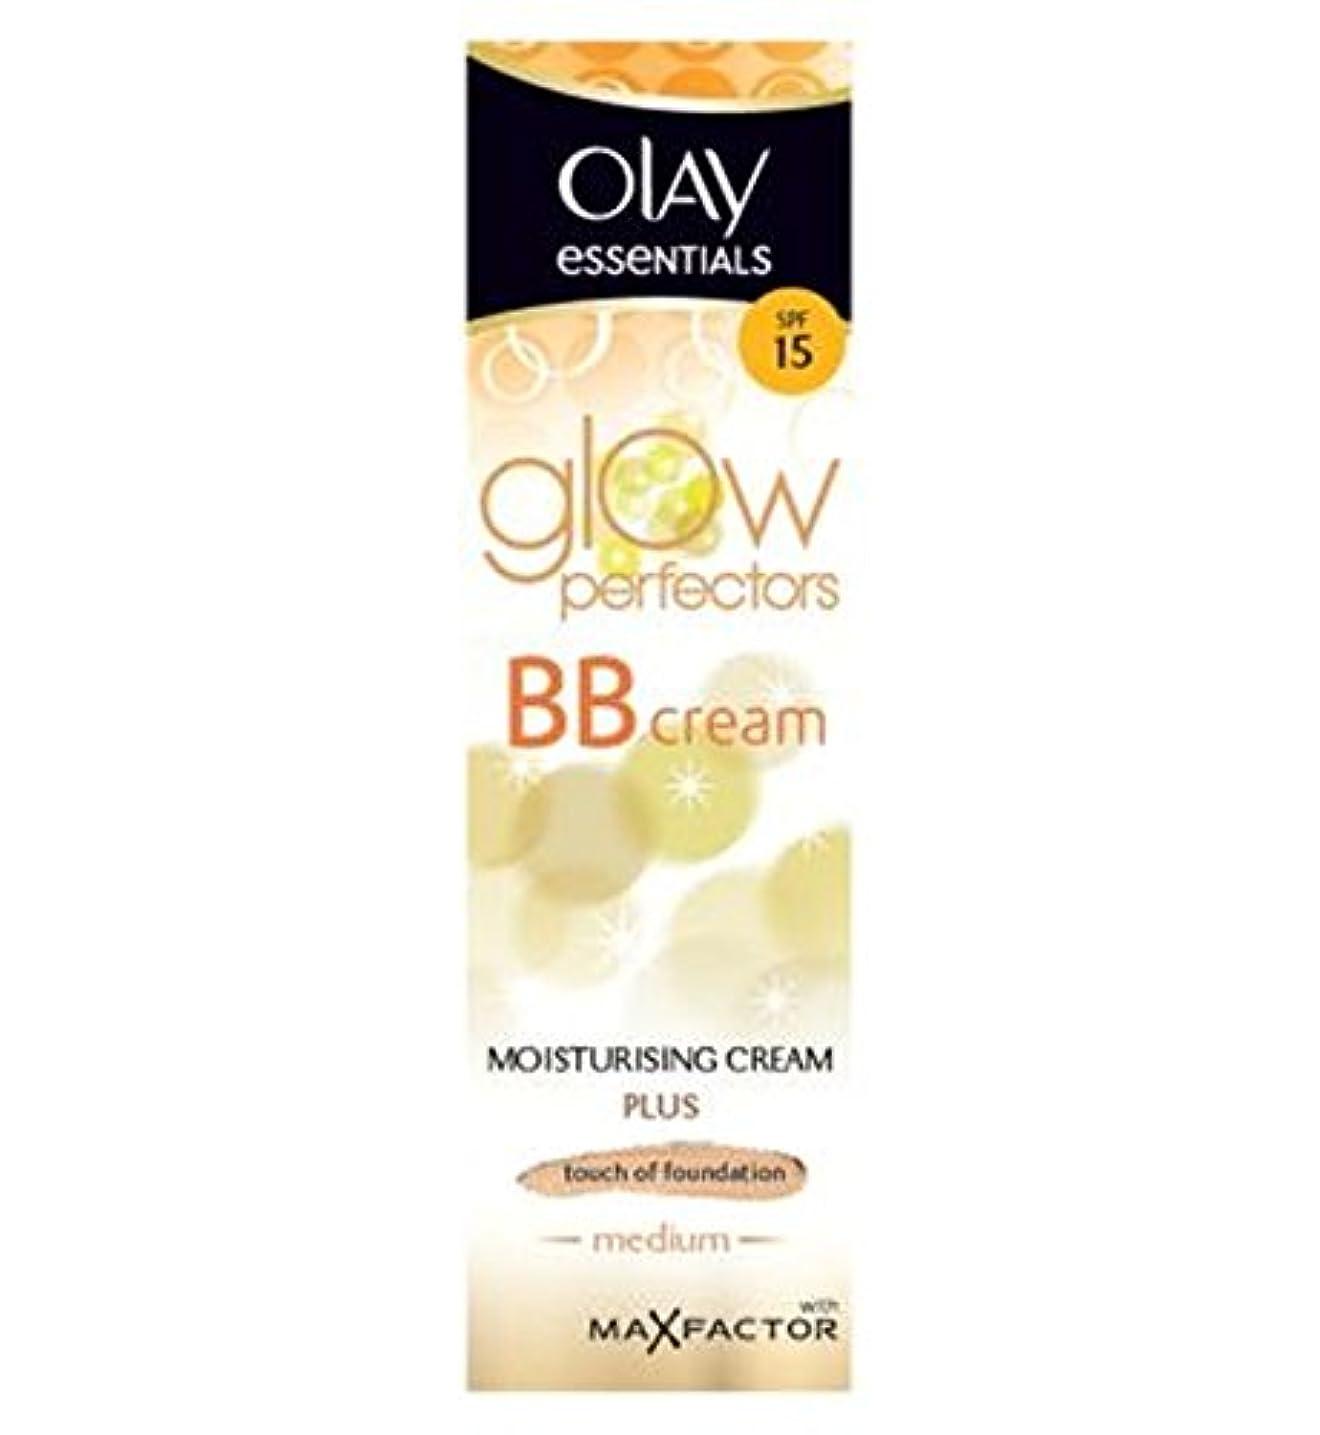 グリルバックアップ離婚着色保湿50ミリリットルを完成オーレイ完全なBbクリームSpf15スキン - 中 (Olay) (x2) - Olay Complete BB Cream SPF15 Skin Perfecting Tinted Moisturiser 50ml - Medium (Pack of 2) [並行輸入品]